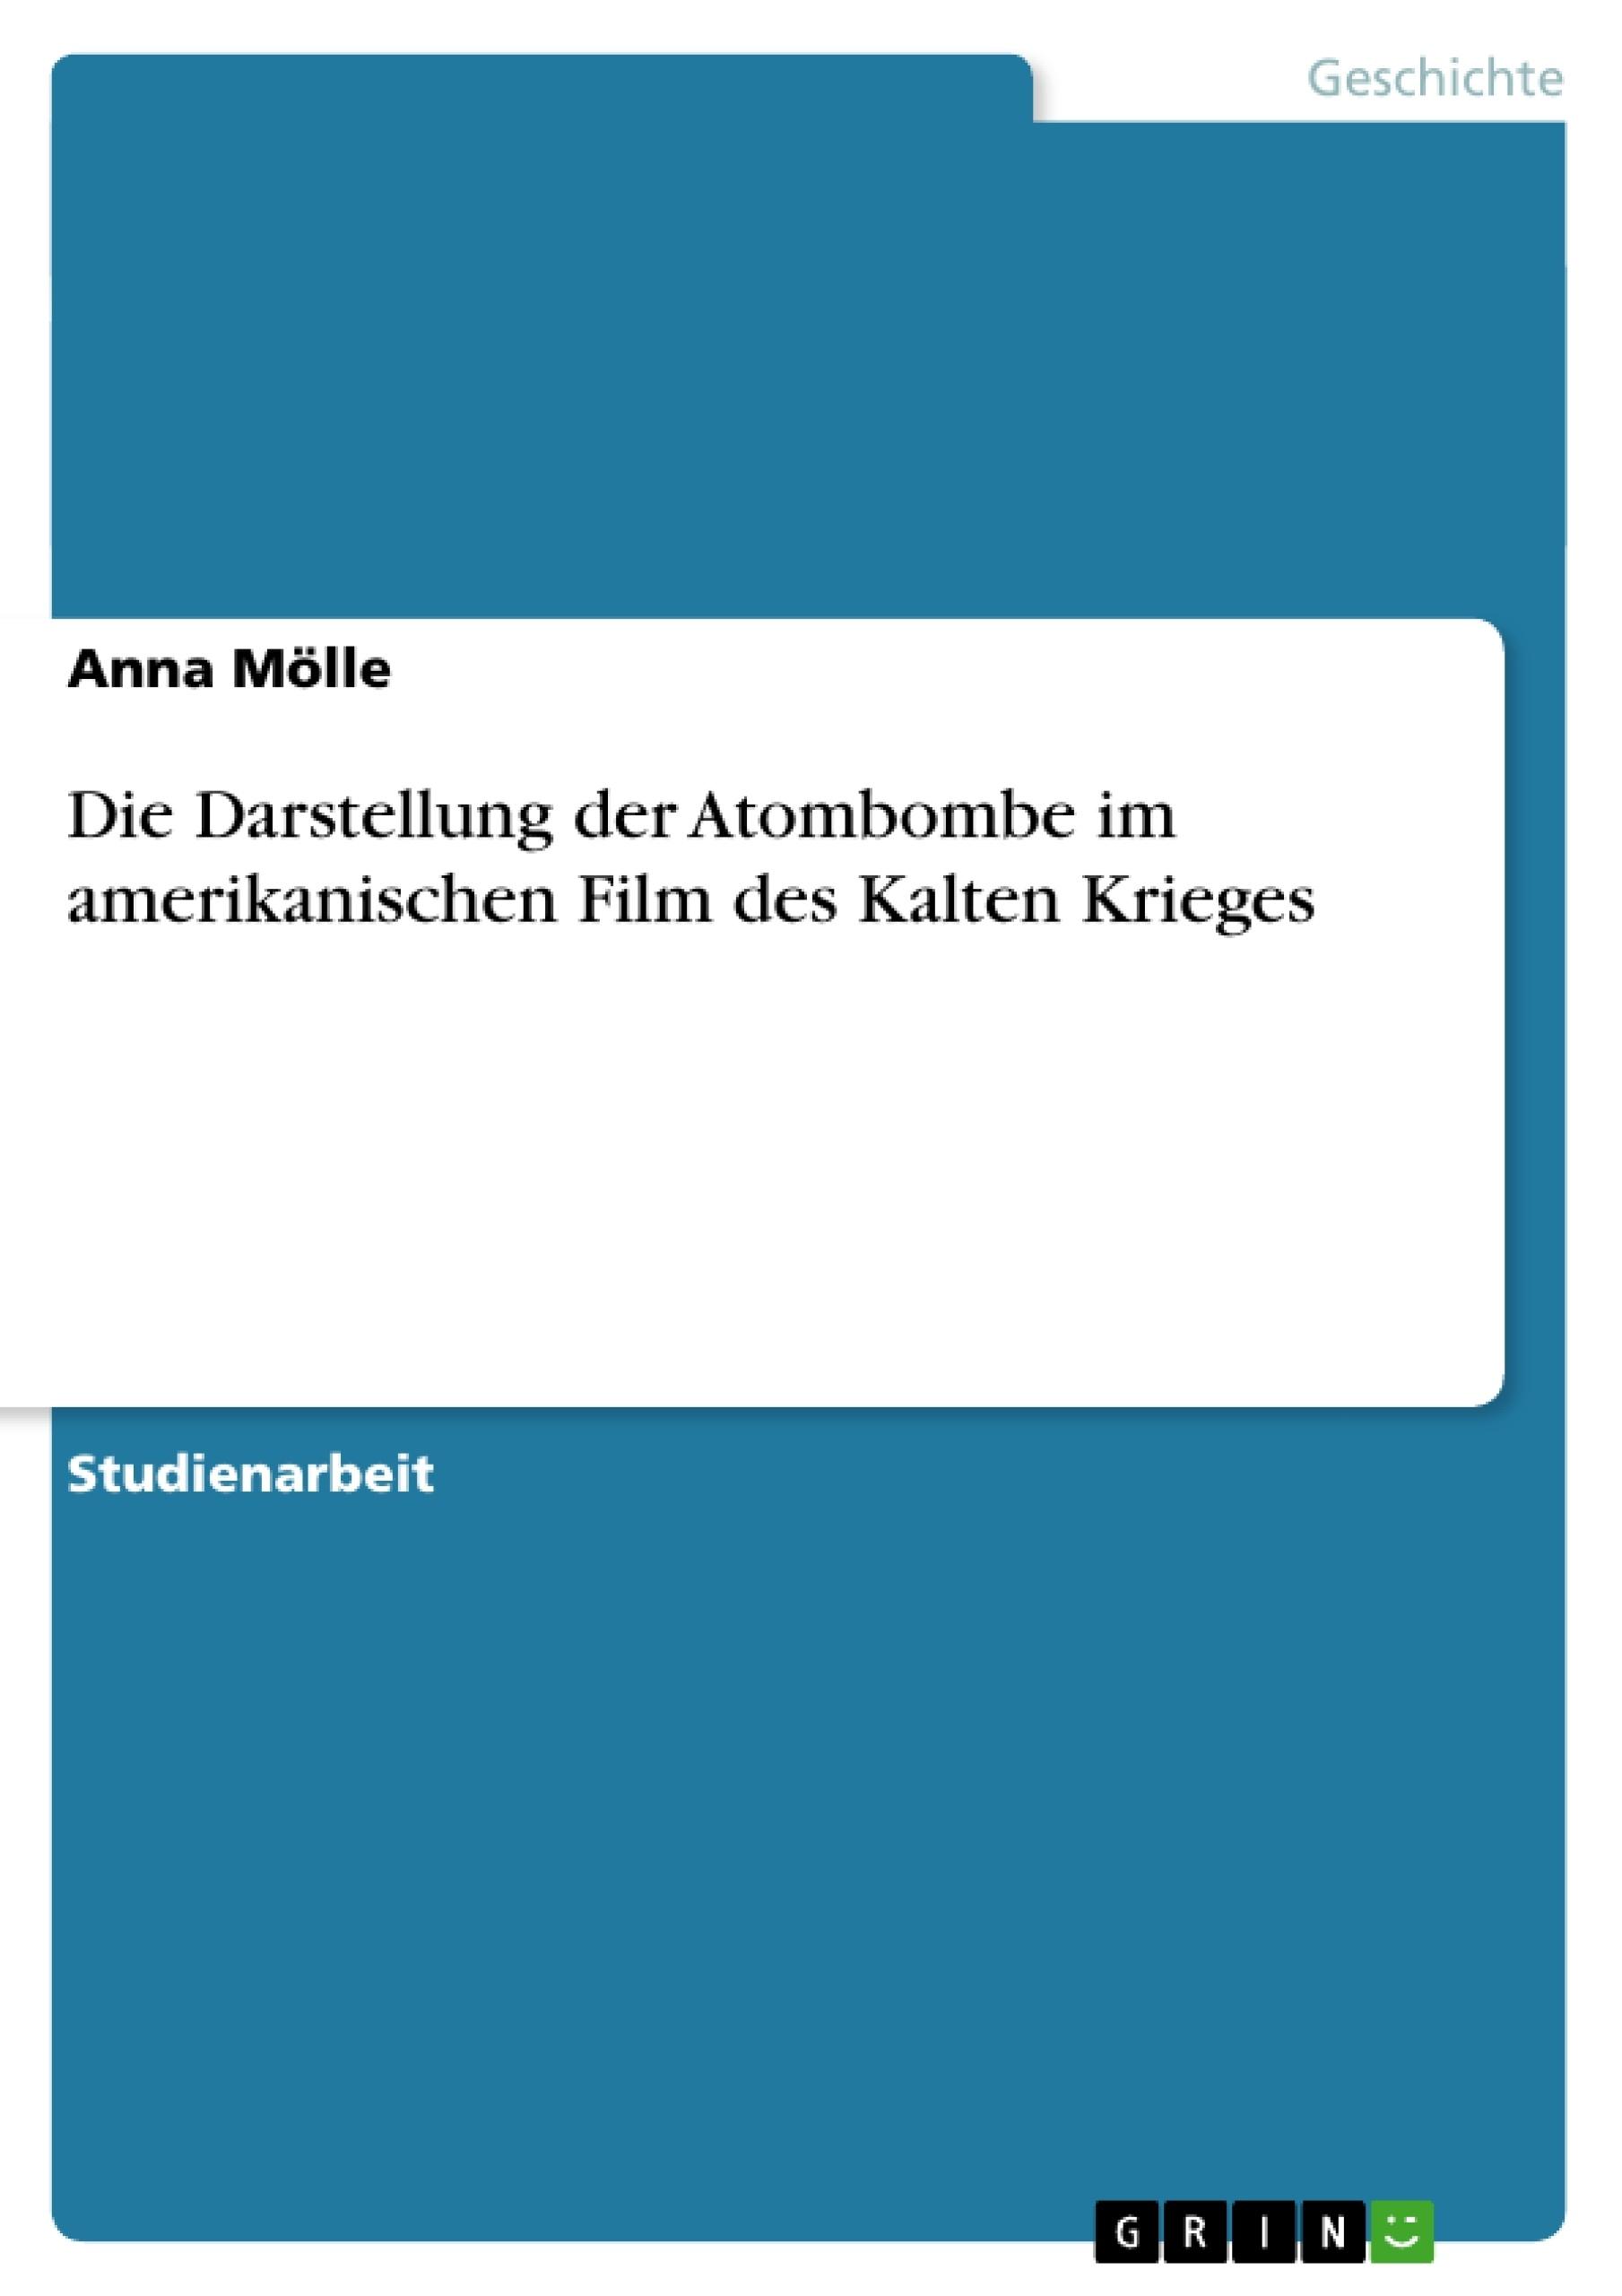 Titel: Die Darstellung der Atombombe im amerikanischen Film des Kalten Krieges